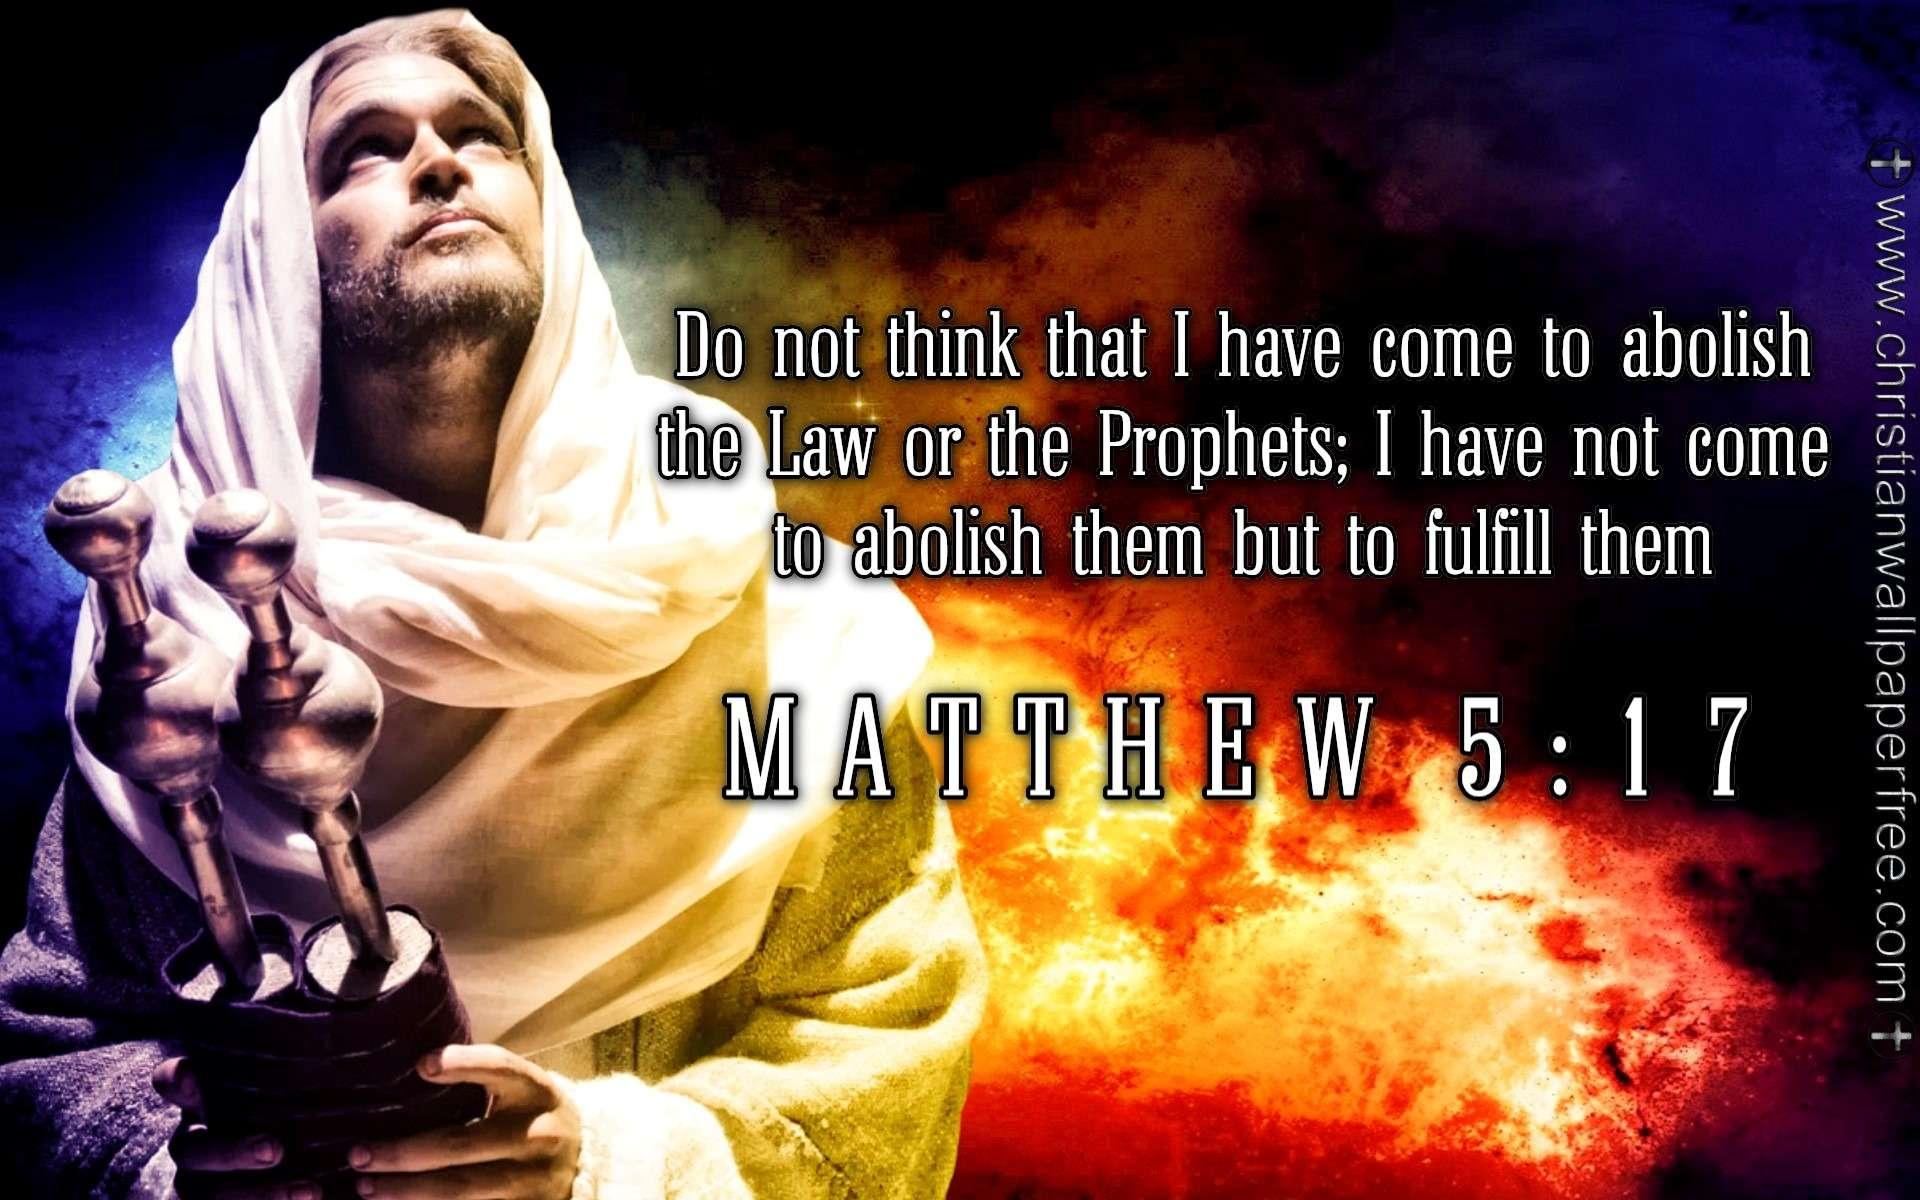 Matthew 5 Verse 17 ESV